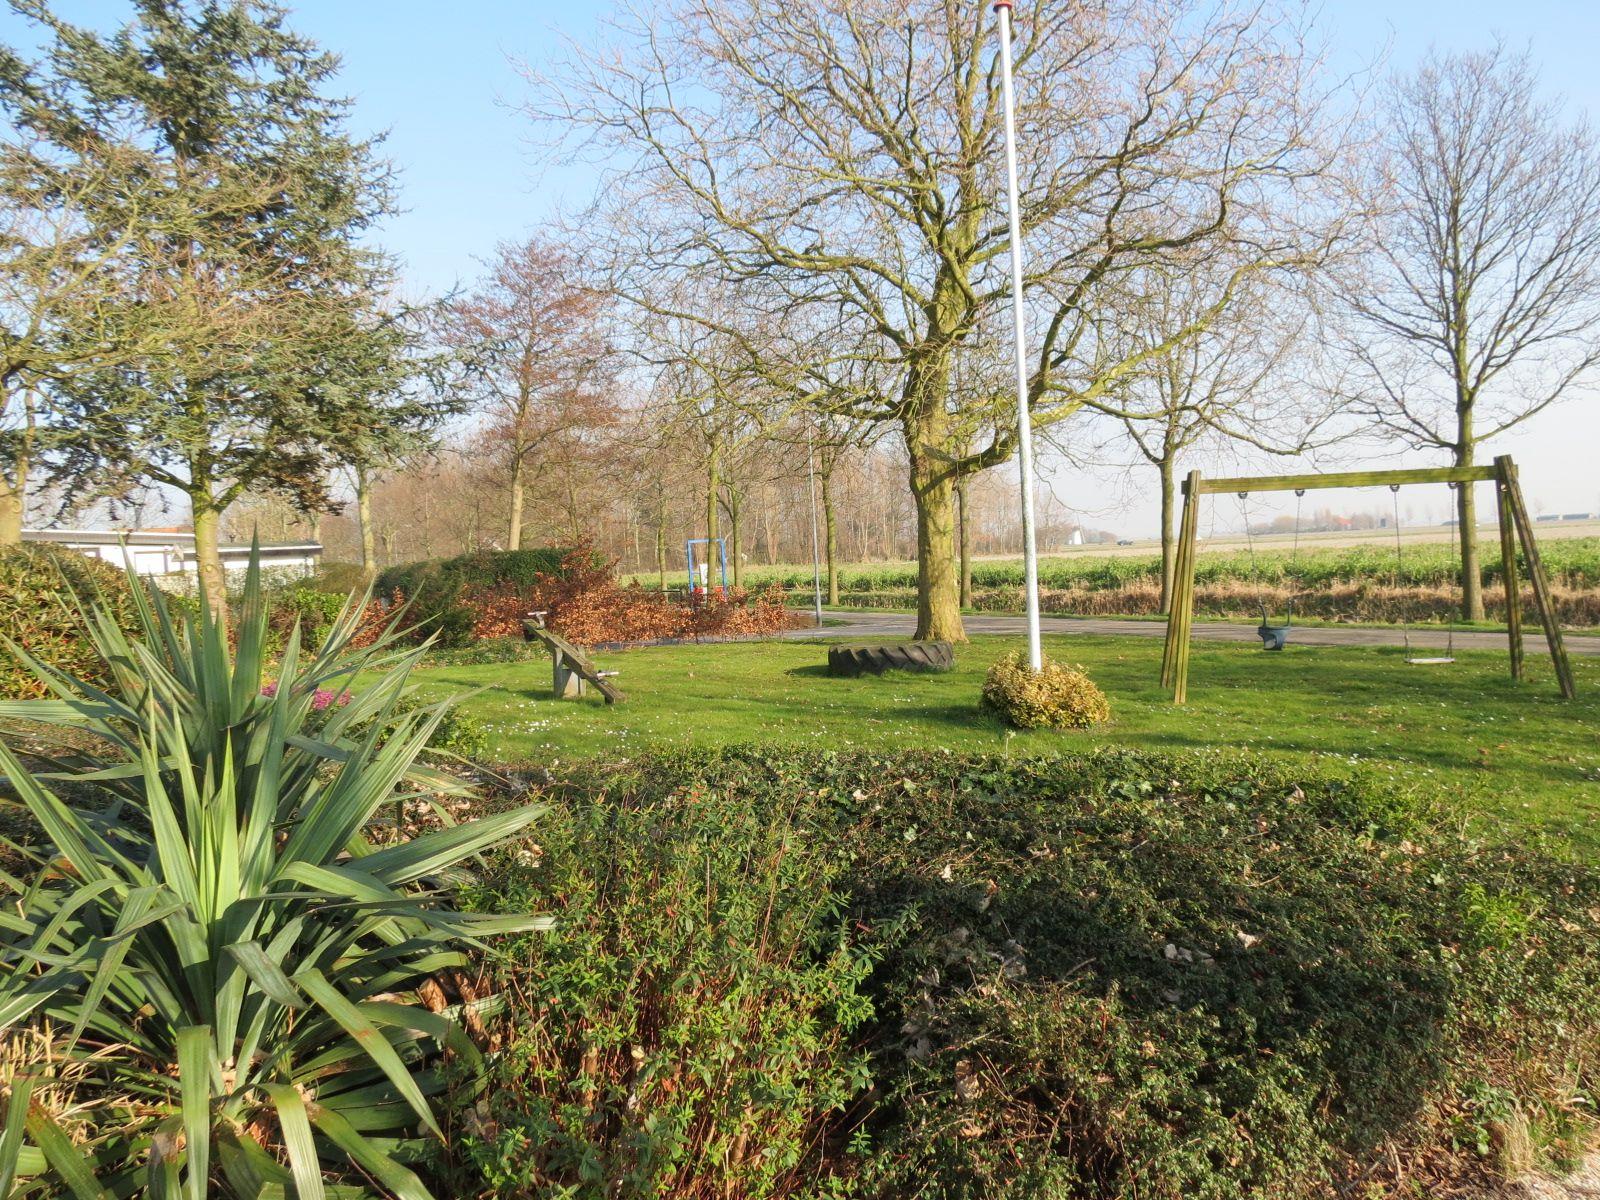 Heerlijk van het zonnetje genieten in de tuin van accommodatie Molenzicht.